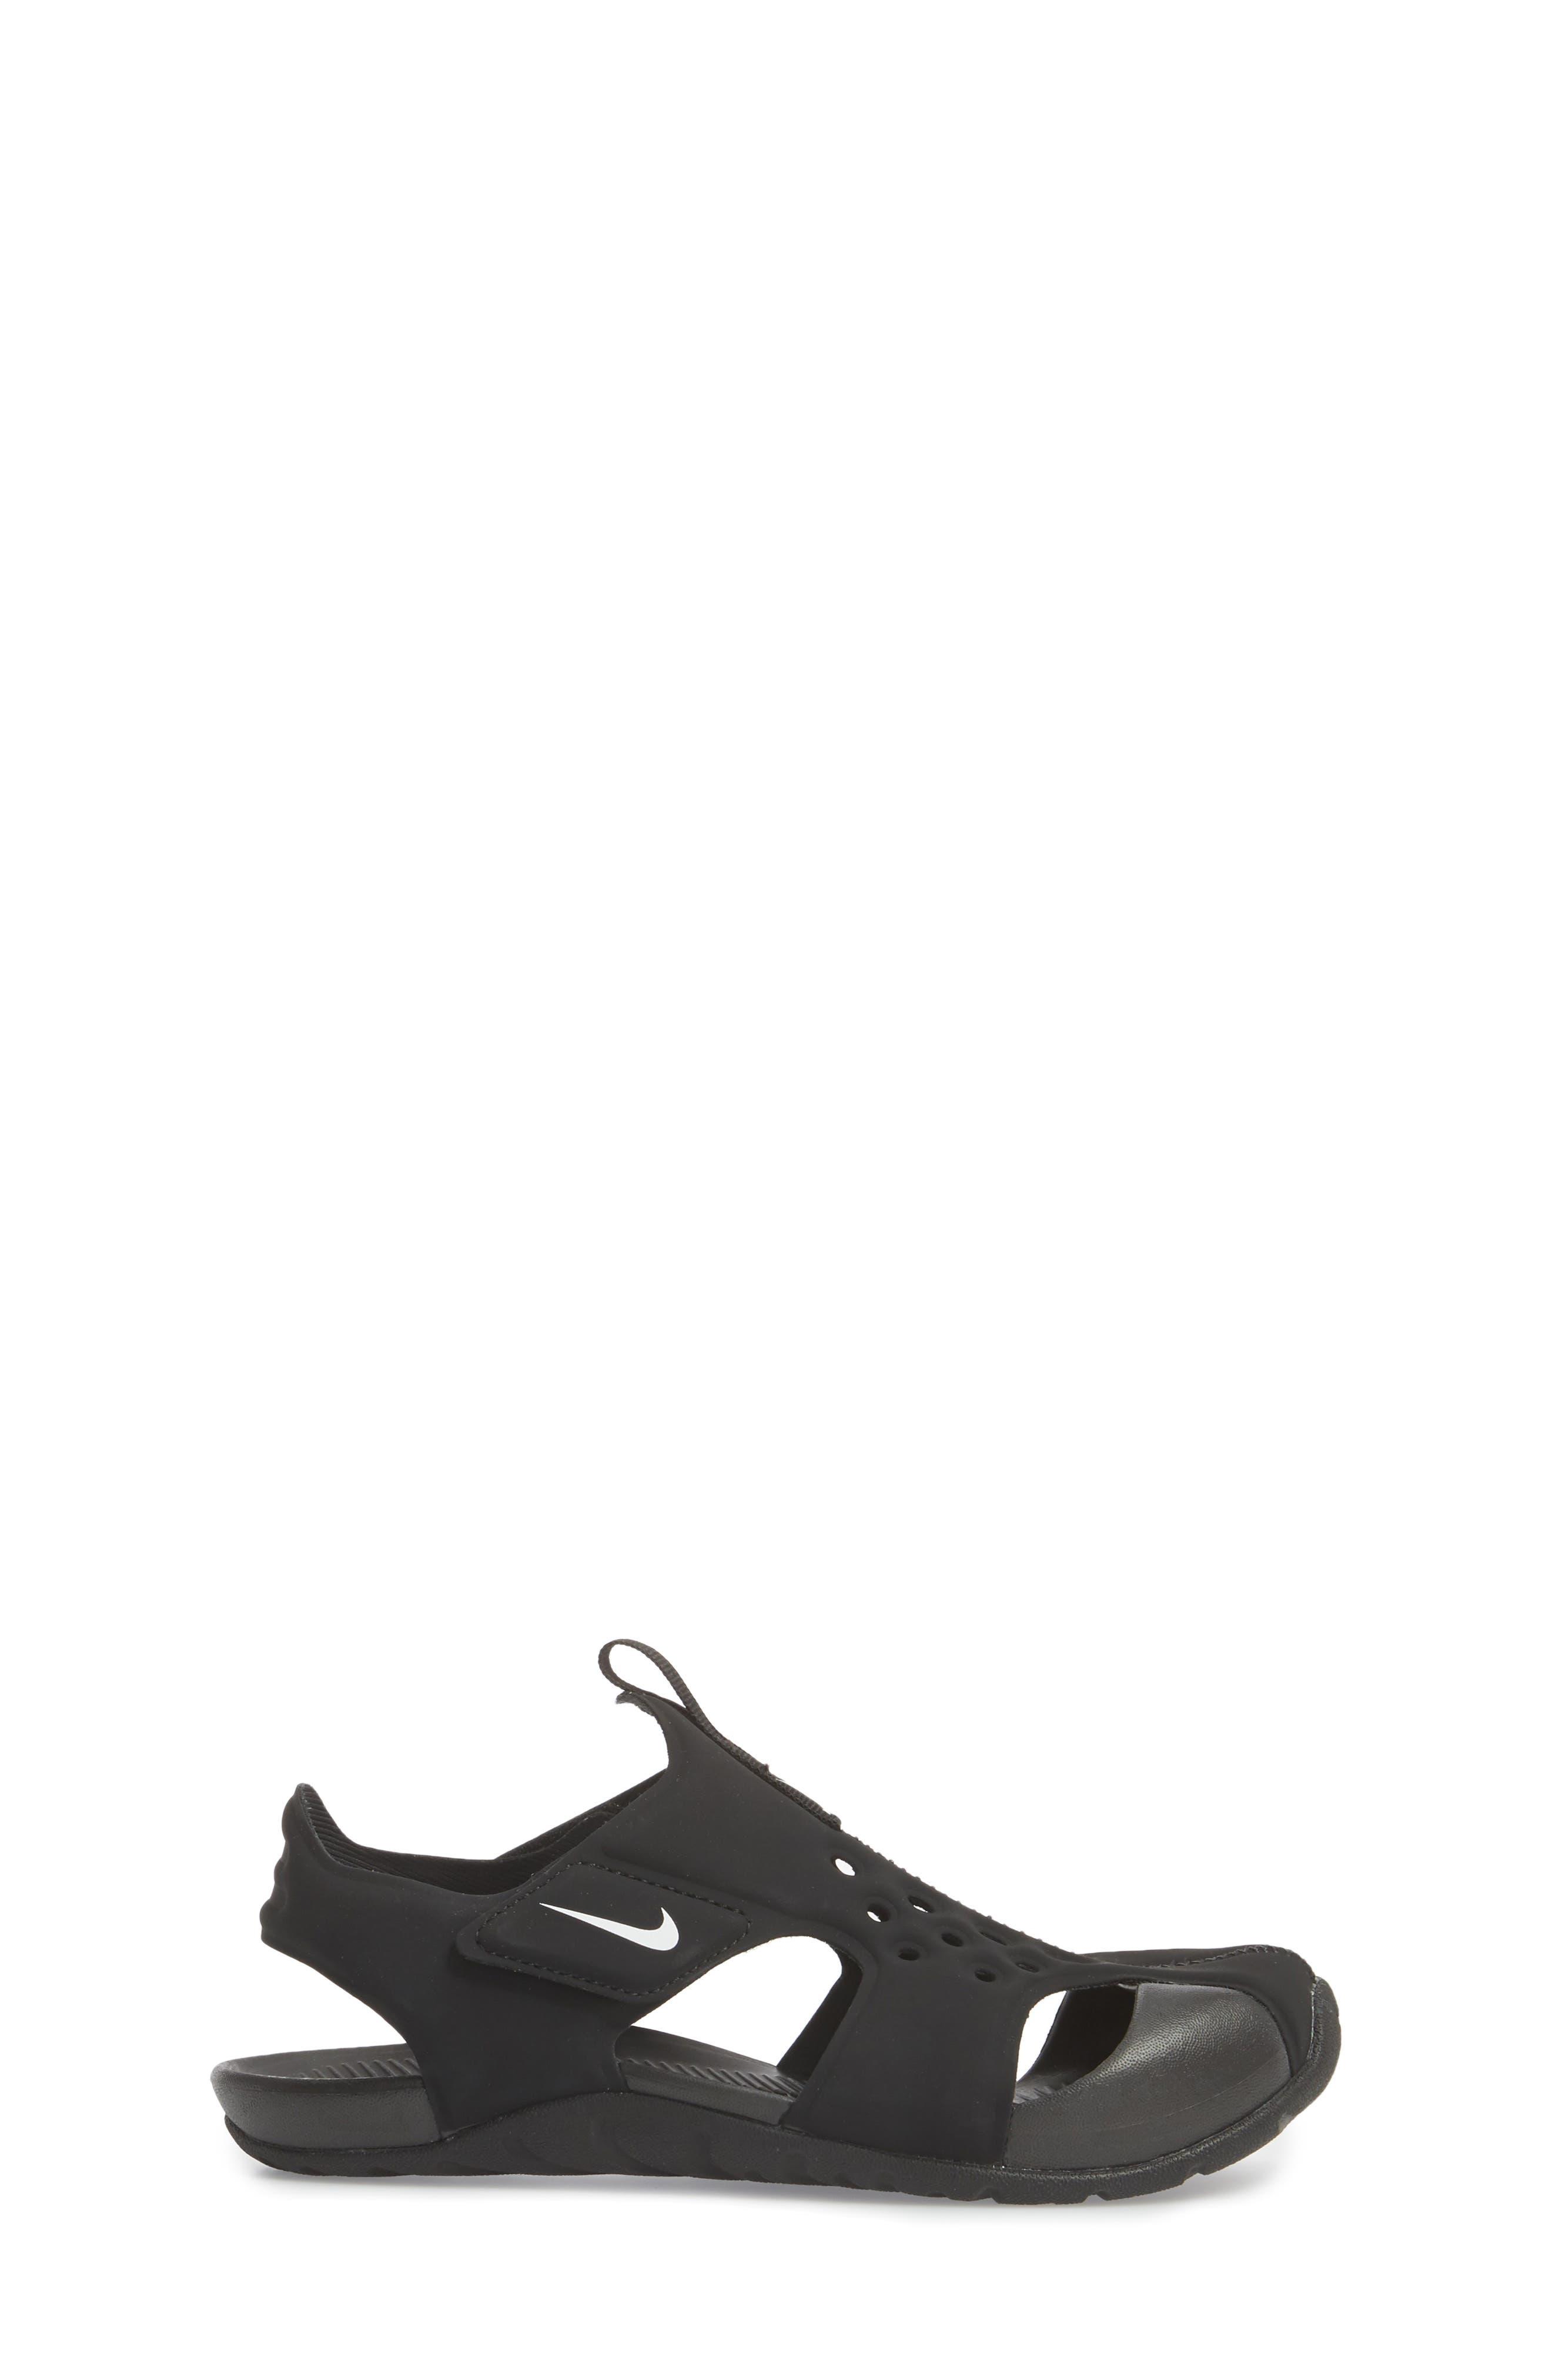 NIKE, Sunray Protect 2 Sandal, Alternate thumbnail 3, color, BLACK/ WHITE